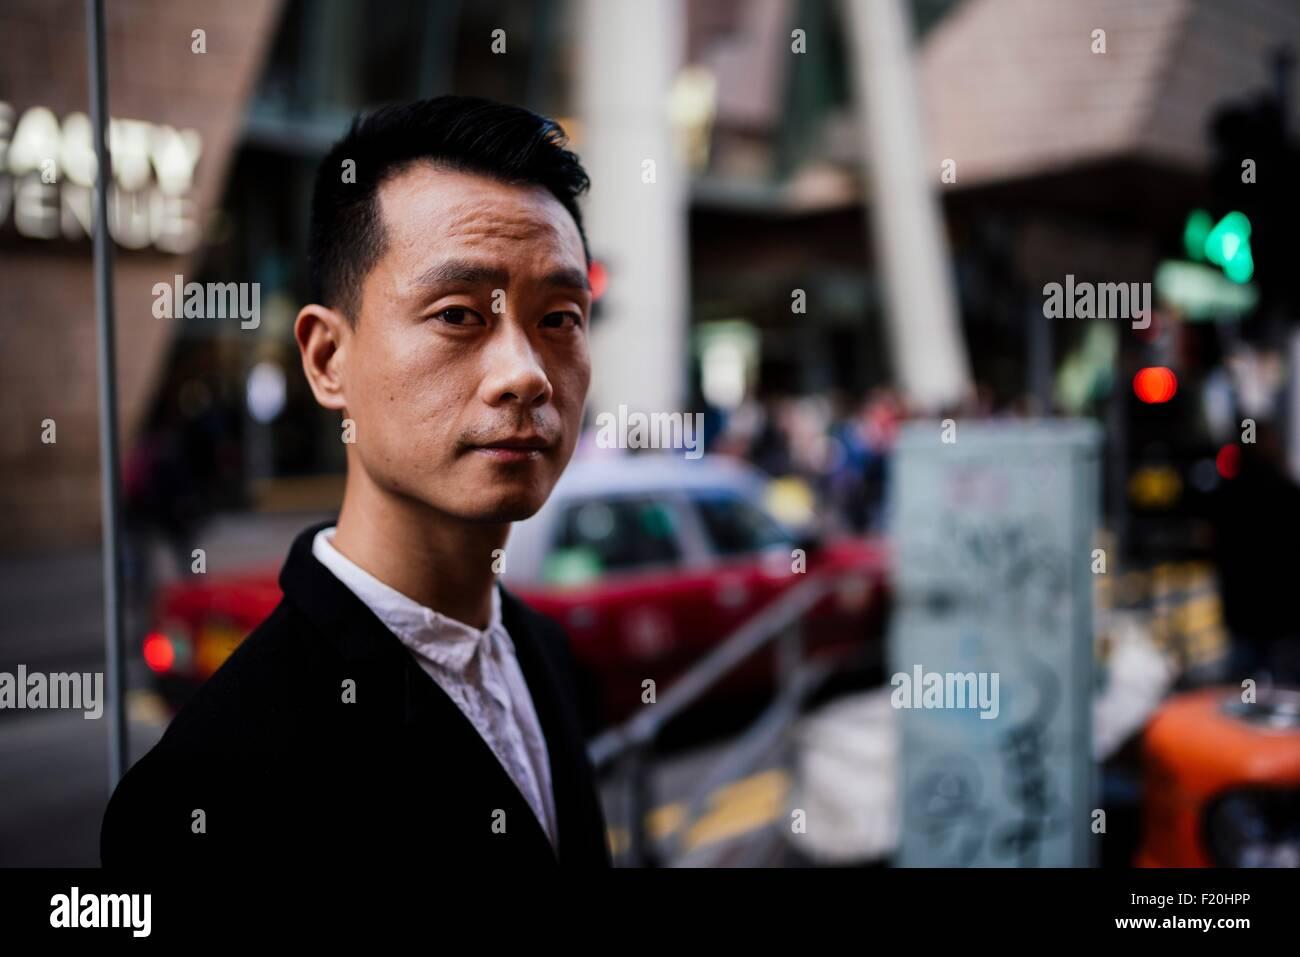 Porträt von Mitte erwachsenen Mannes tragen Hemd und Anzug Jacke, Blick in die Kamera Stockbild